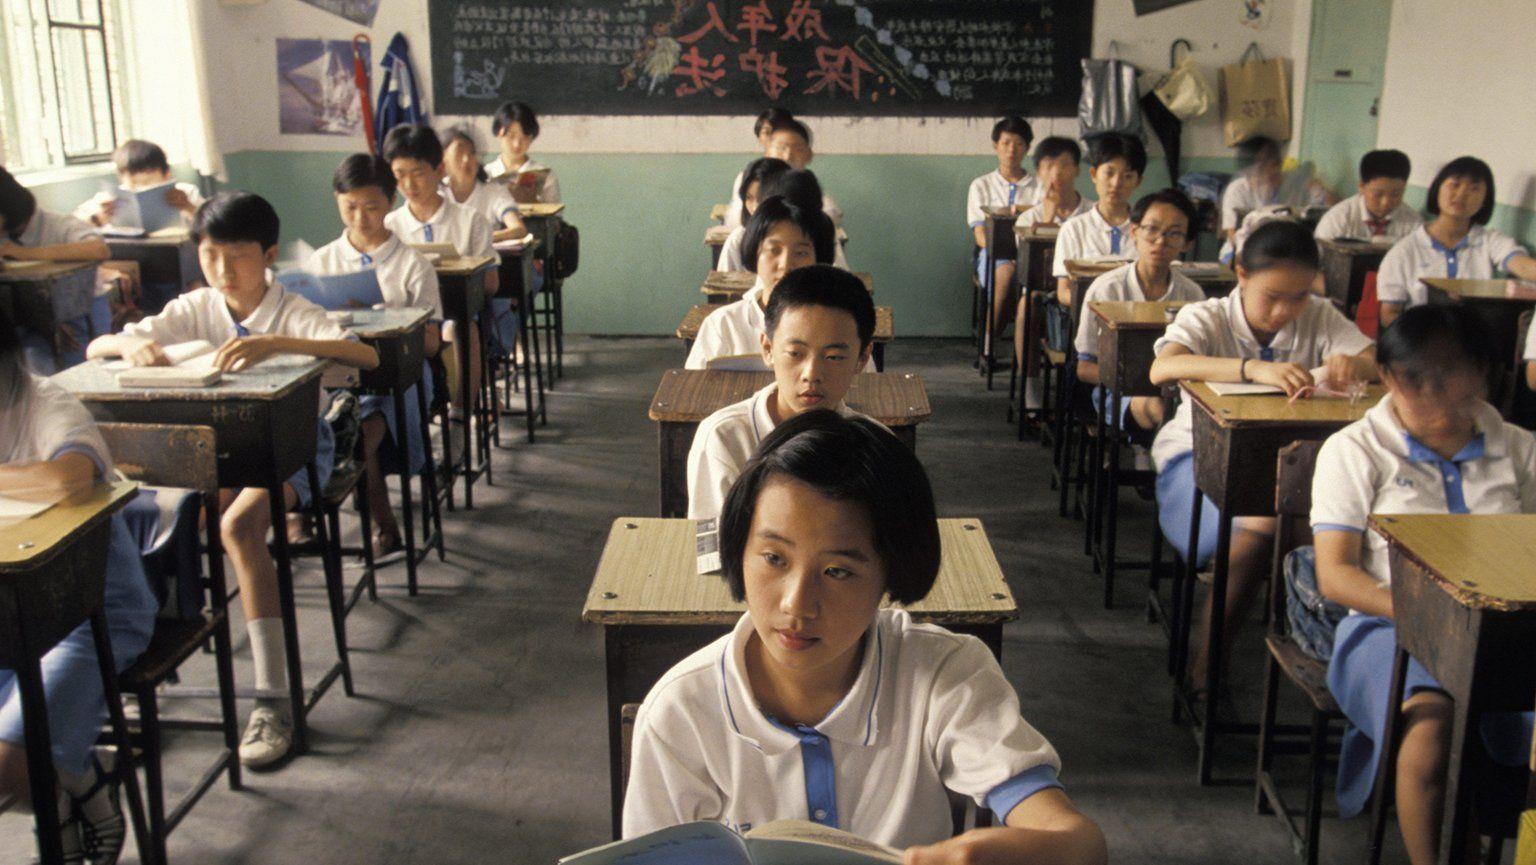 Ученикам запретили пользоваться мобильными телефонами в школах Китая